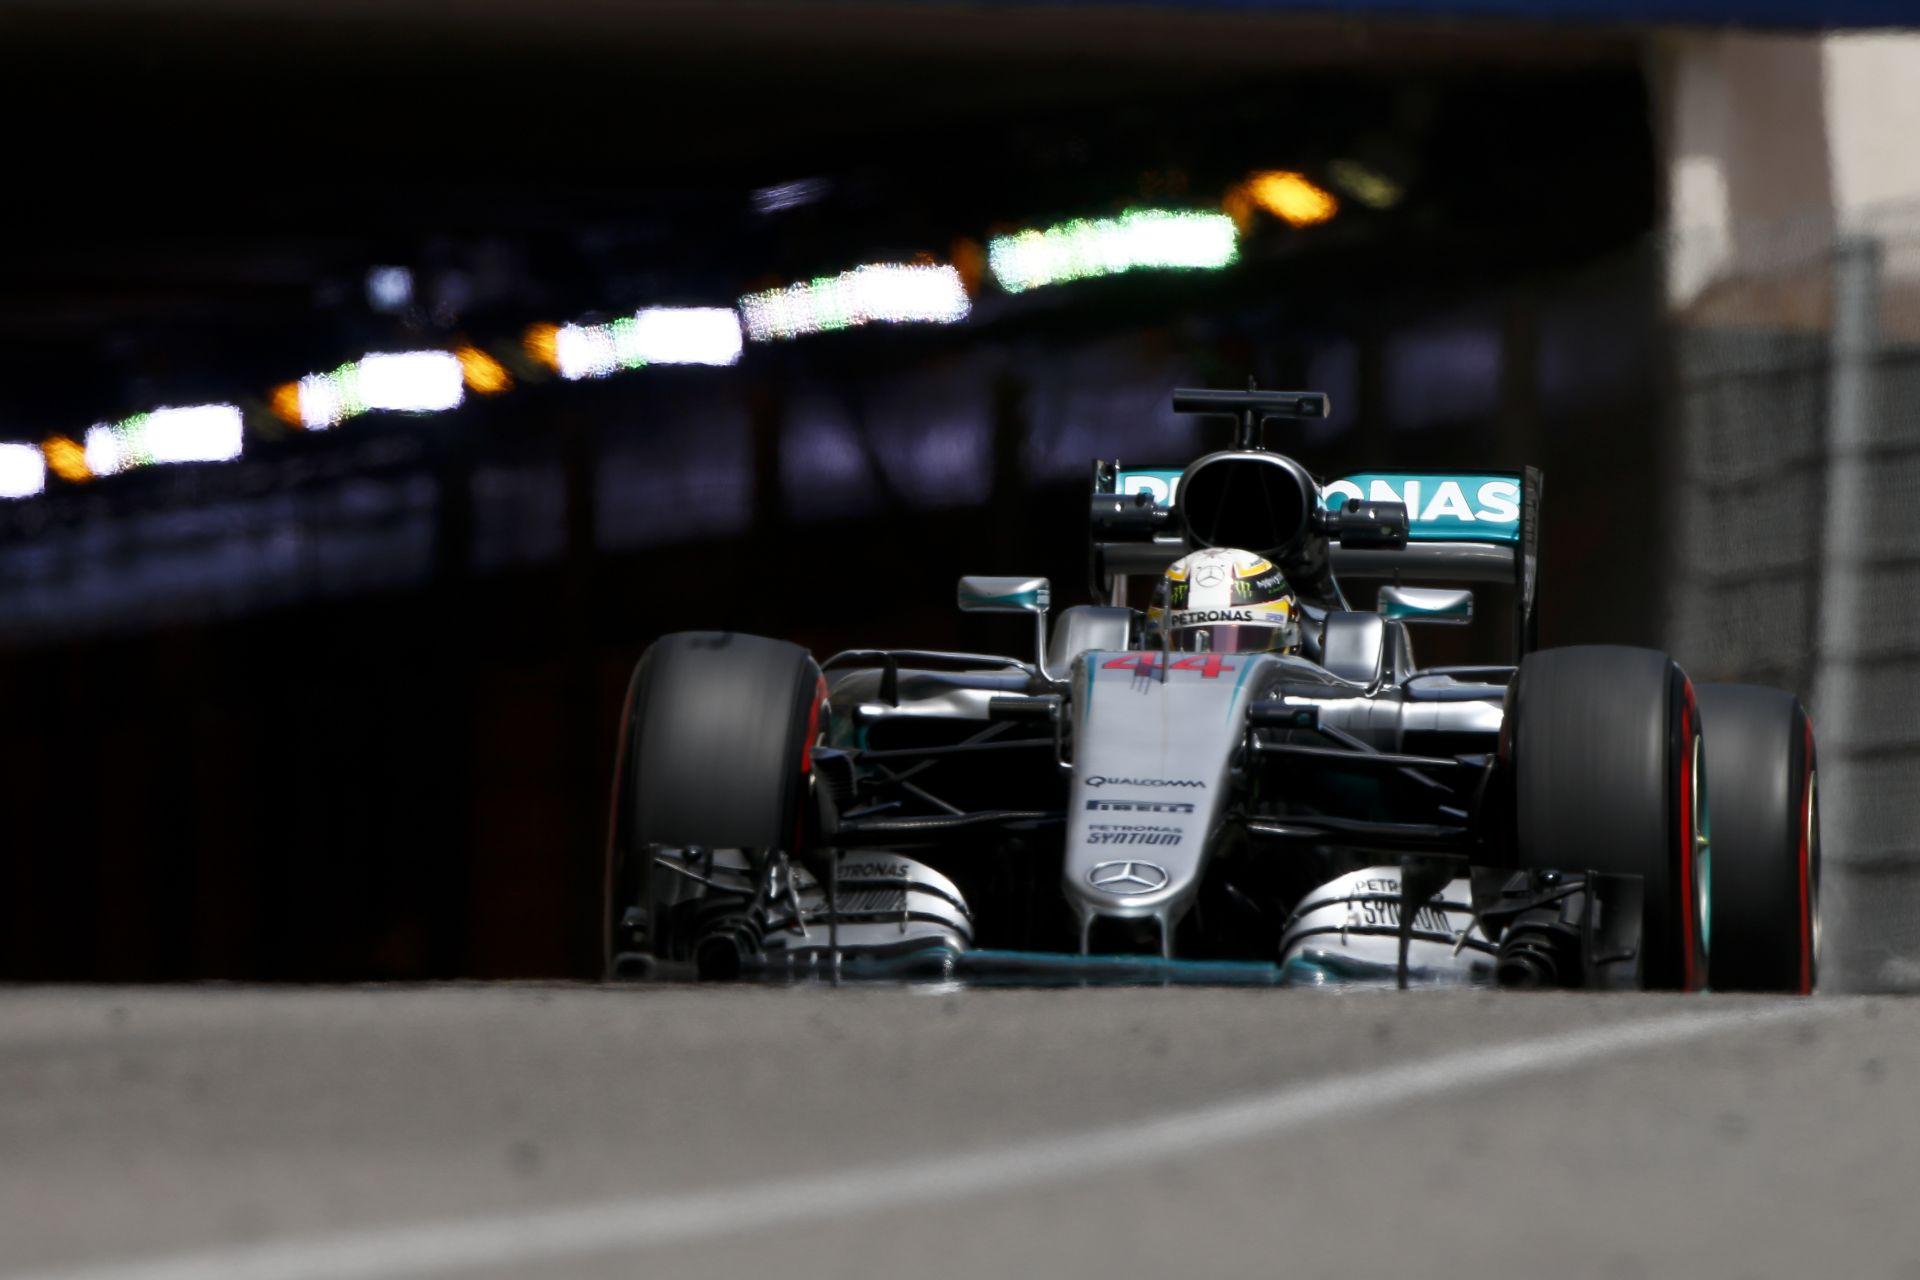 """Hamilton: """"Ricciardo a valaha volt egyik legjobb, akivel versenyeztem"""""""